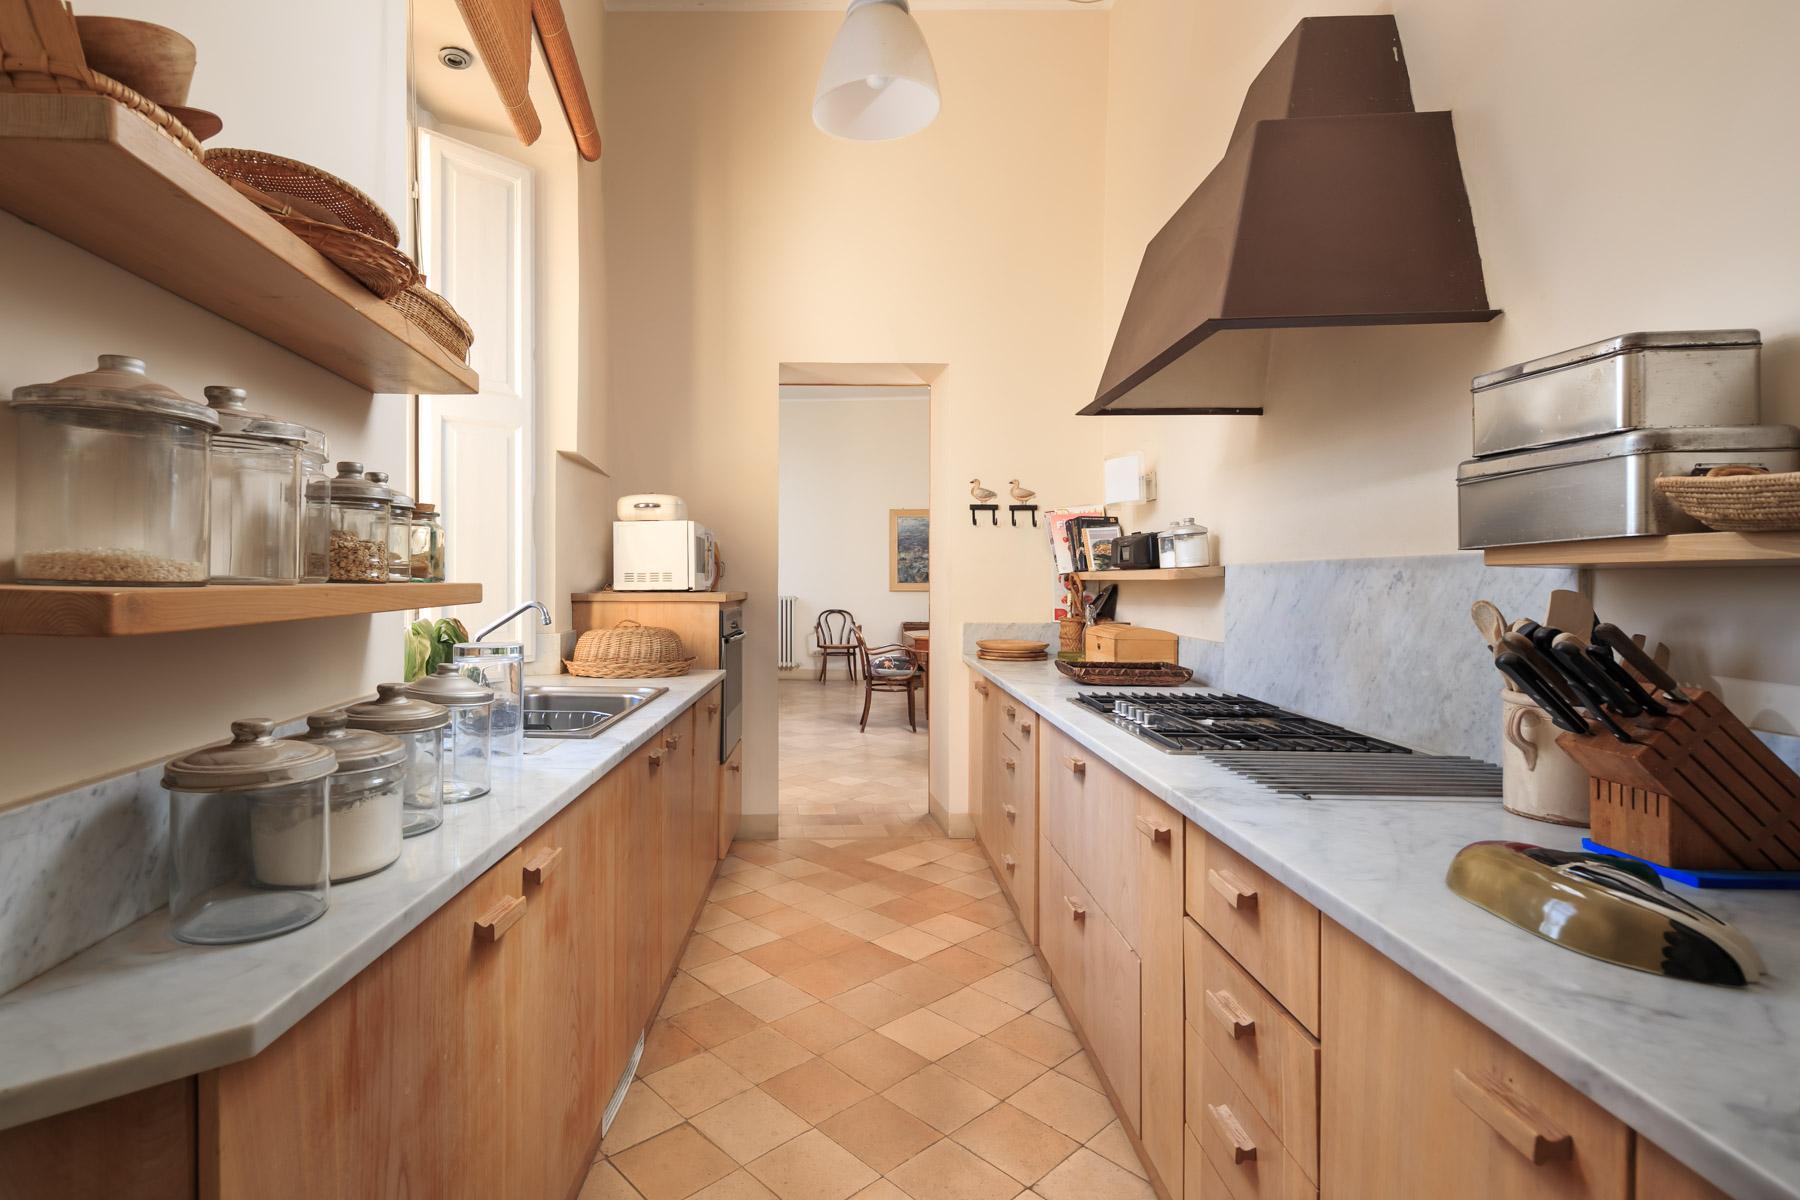 Appartamento di lusso in vendita a lucca via elisa for Case in vendita svizzera italiana